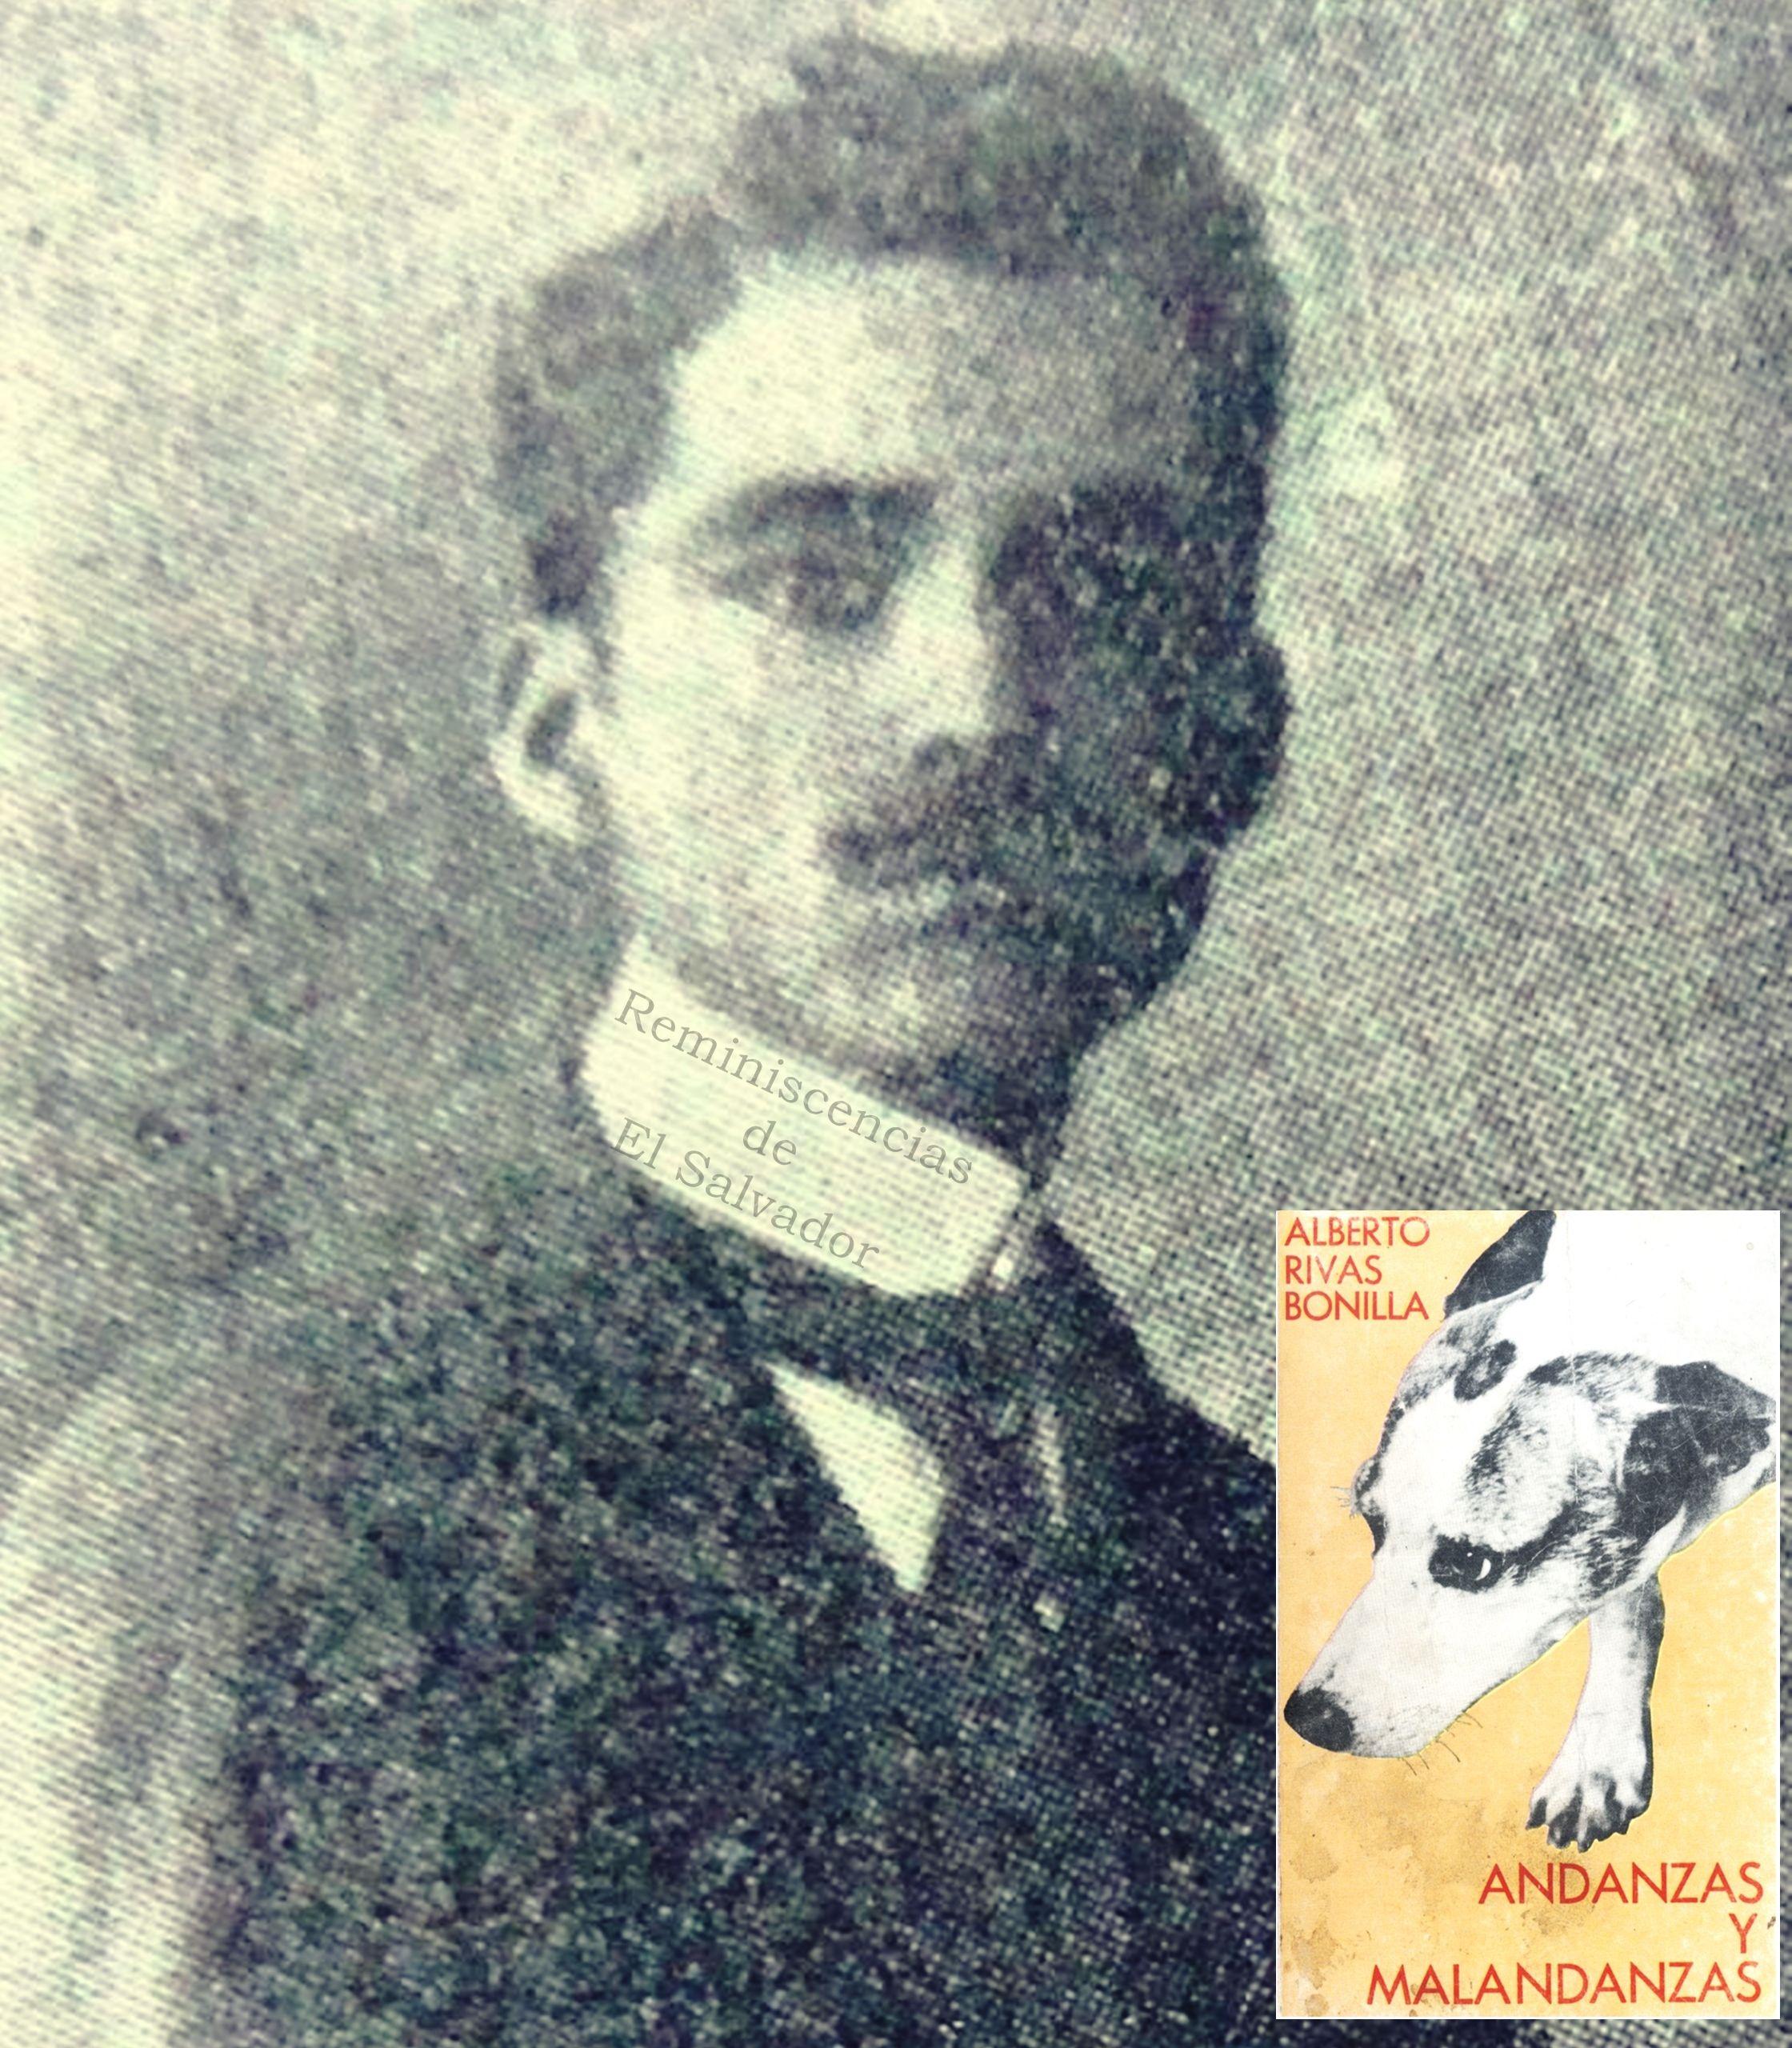 El joven Dr. Alberto Rivas Bonilla. Médico, poeta, novelista ...